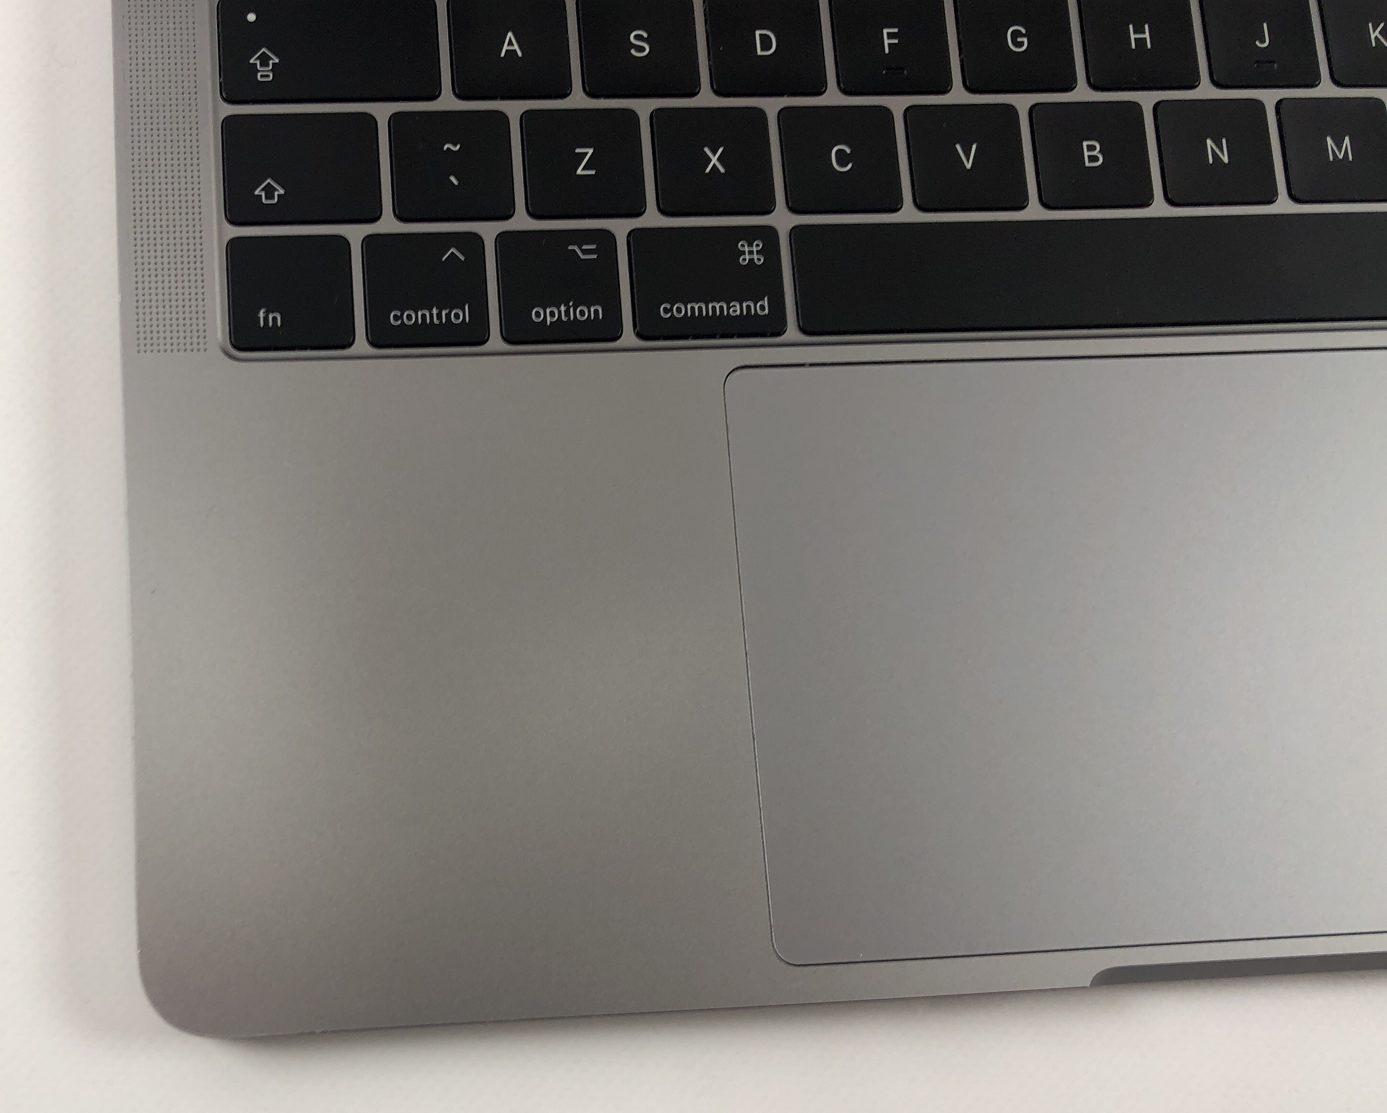 """MacBook Pro 13"""" 4TBT Mid 2017 (Intel Core i5 3.1 GHz 16 GB RAM 256 GB SSD), Space Gray, Intel Core i5 3.1 GHz, 16 GB RAM, 256 GB SSD, bild 4"""